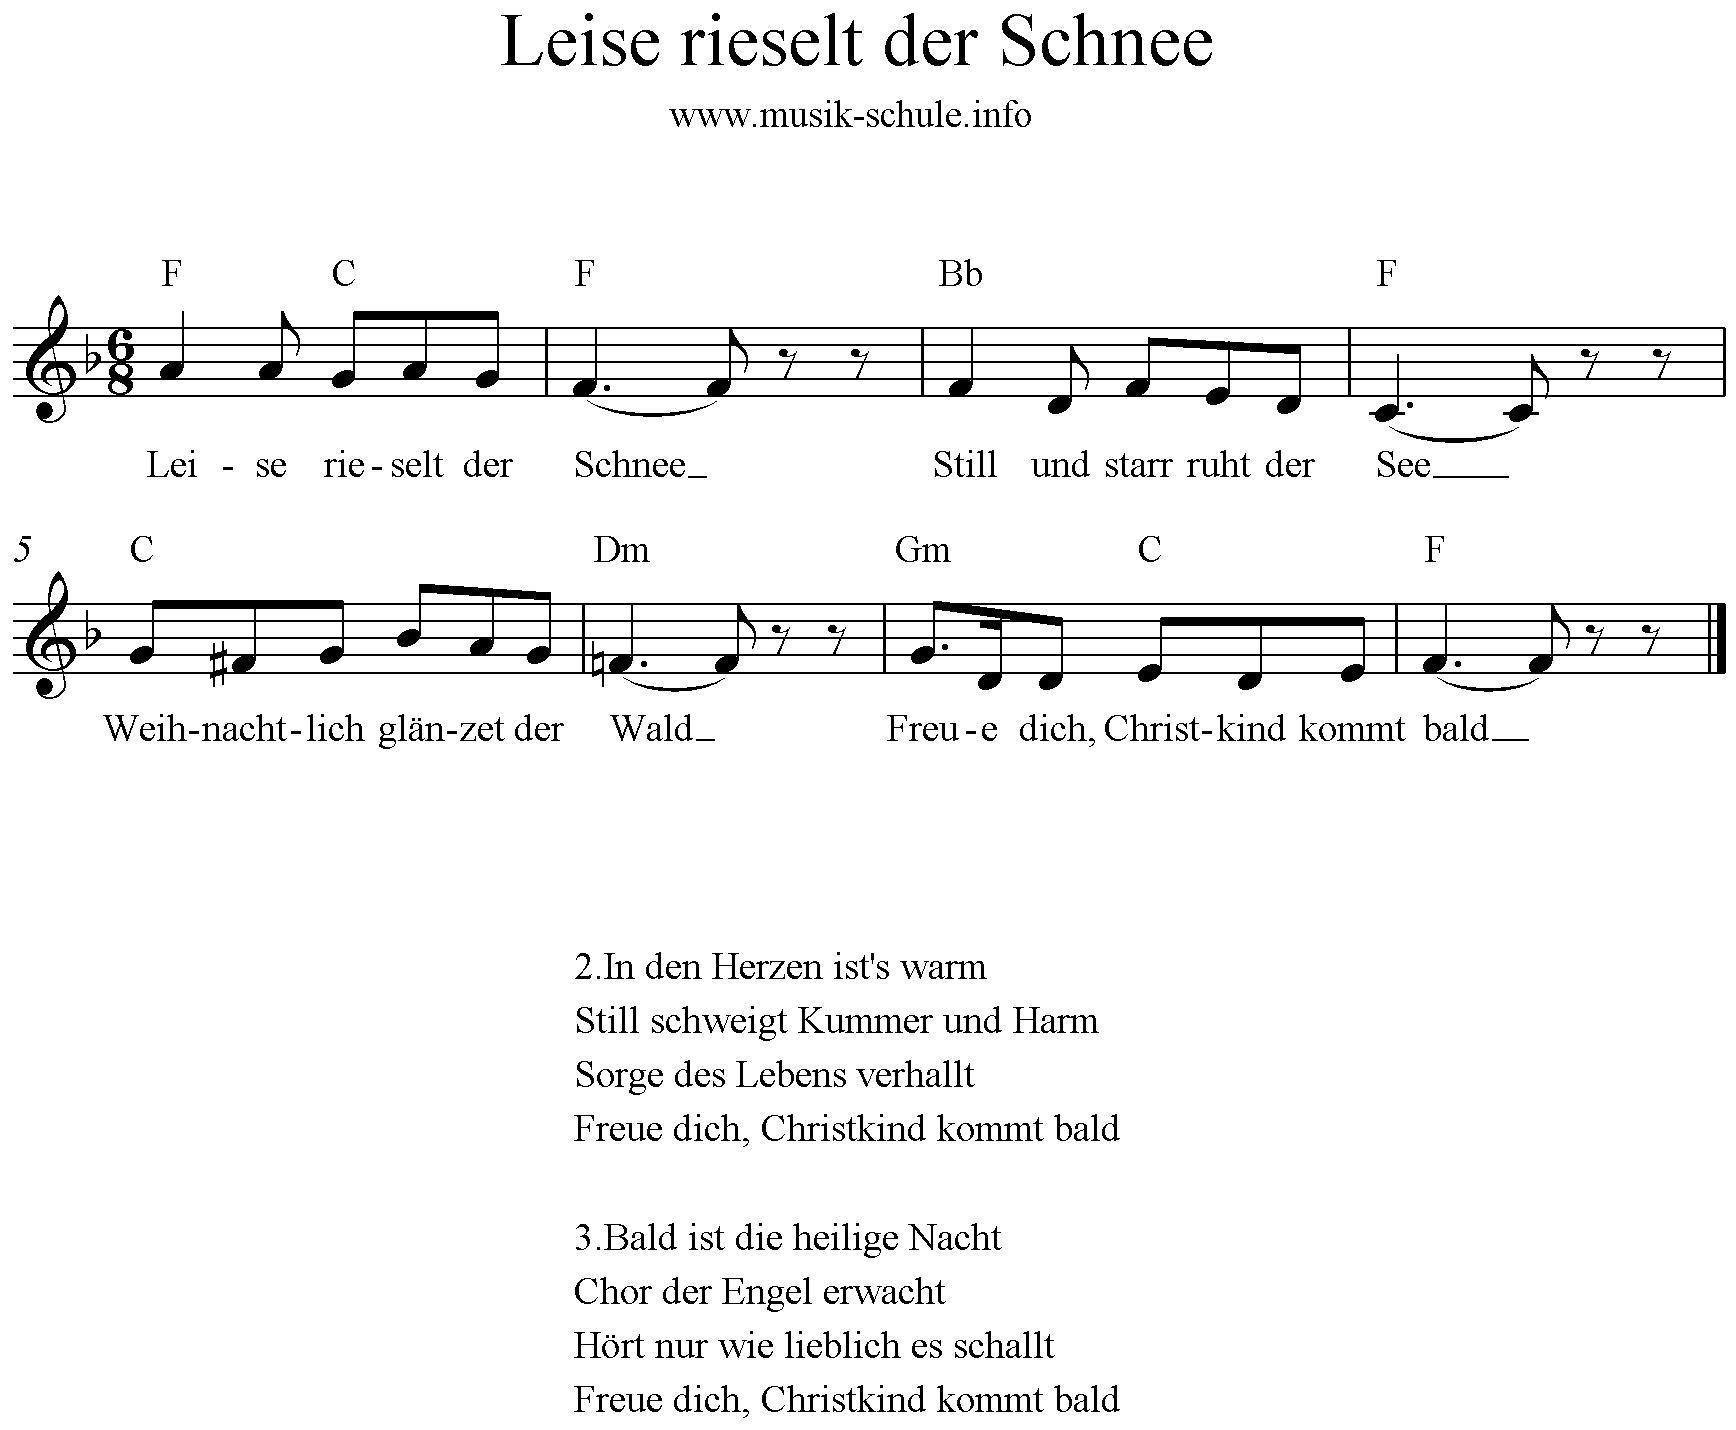 Leise Rieselt Der Schnee* (Mit Bildern) | Kinder Lied ganzes Leise Rieselt Der Schnee Noten Keyboard